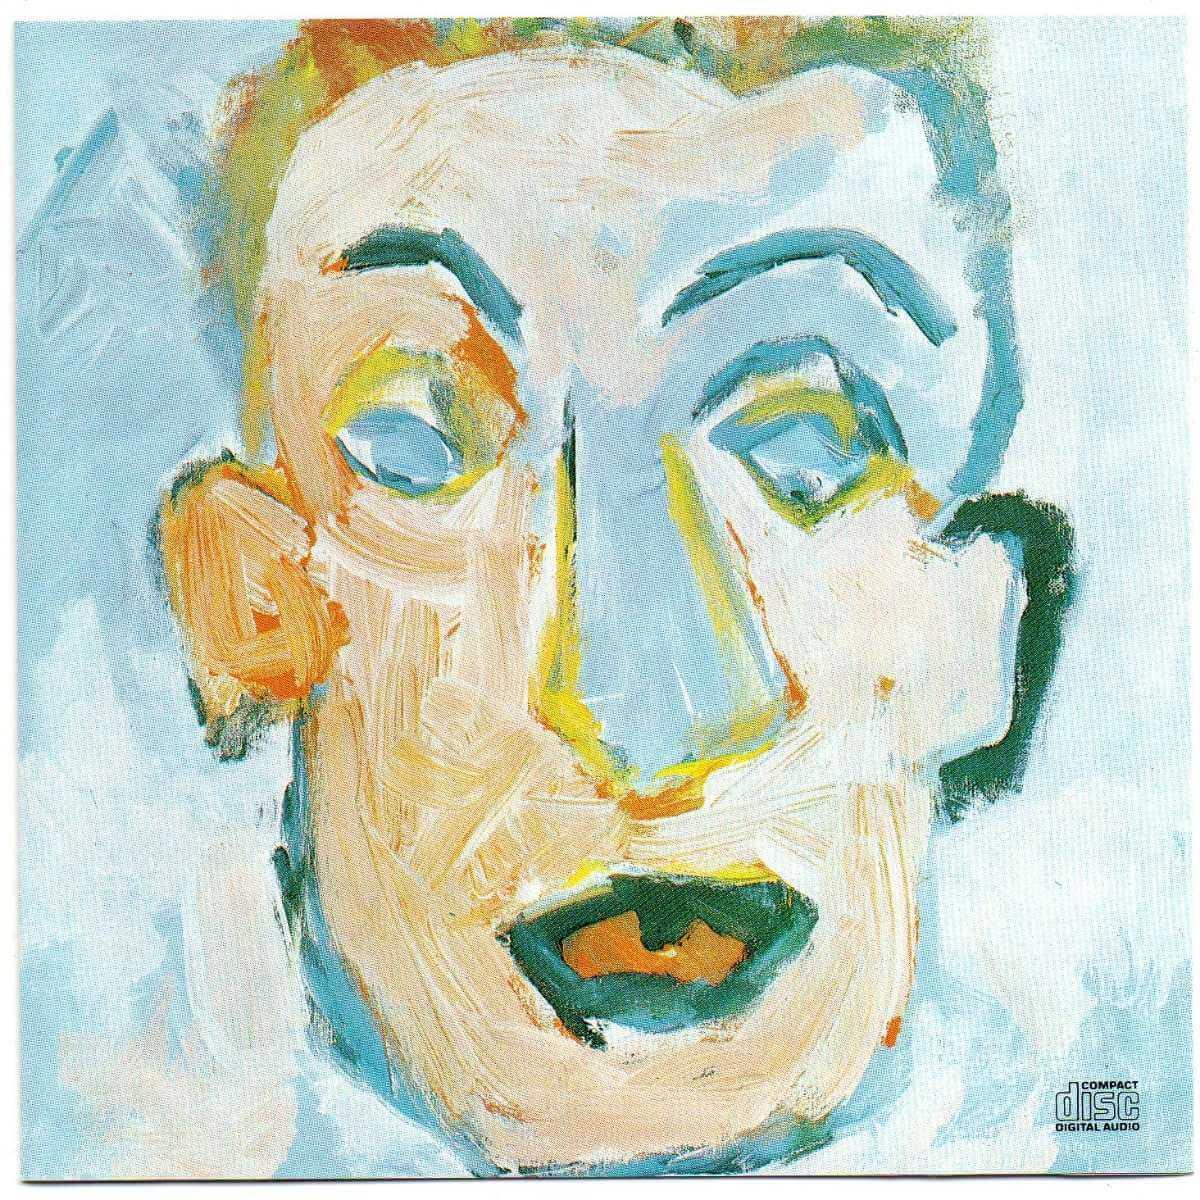 nueva exposición de Bob Dylan en museo de Estados Unidos